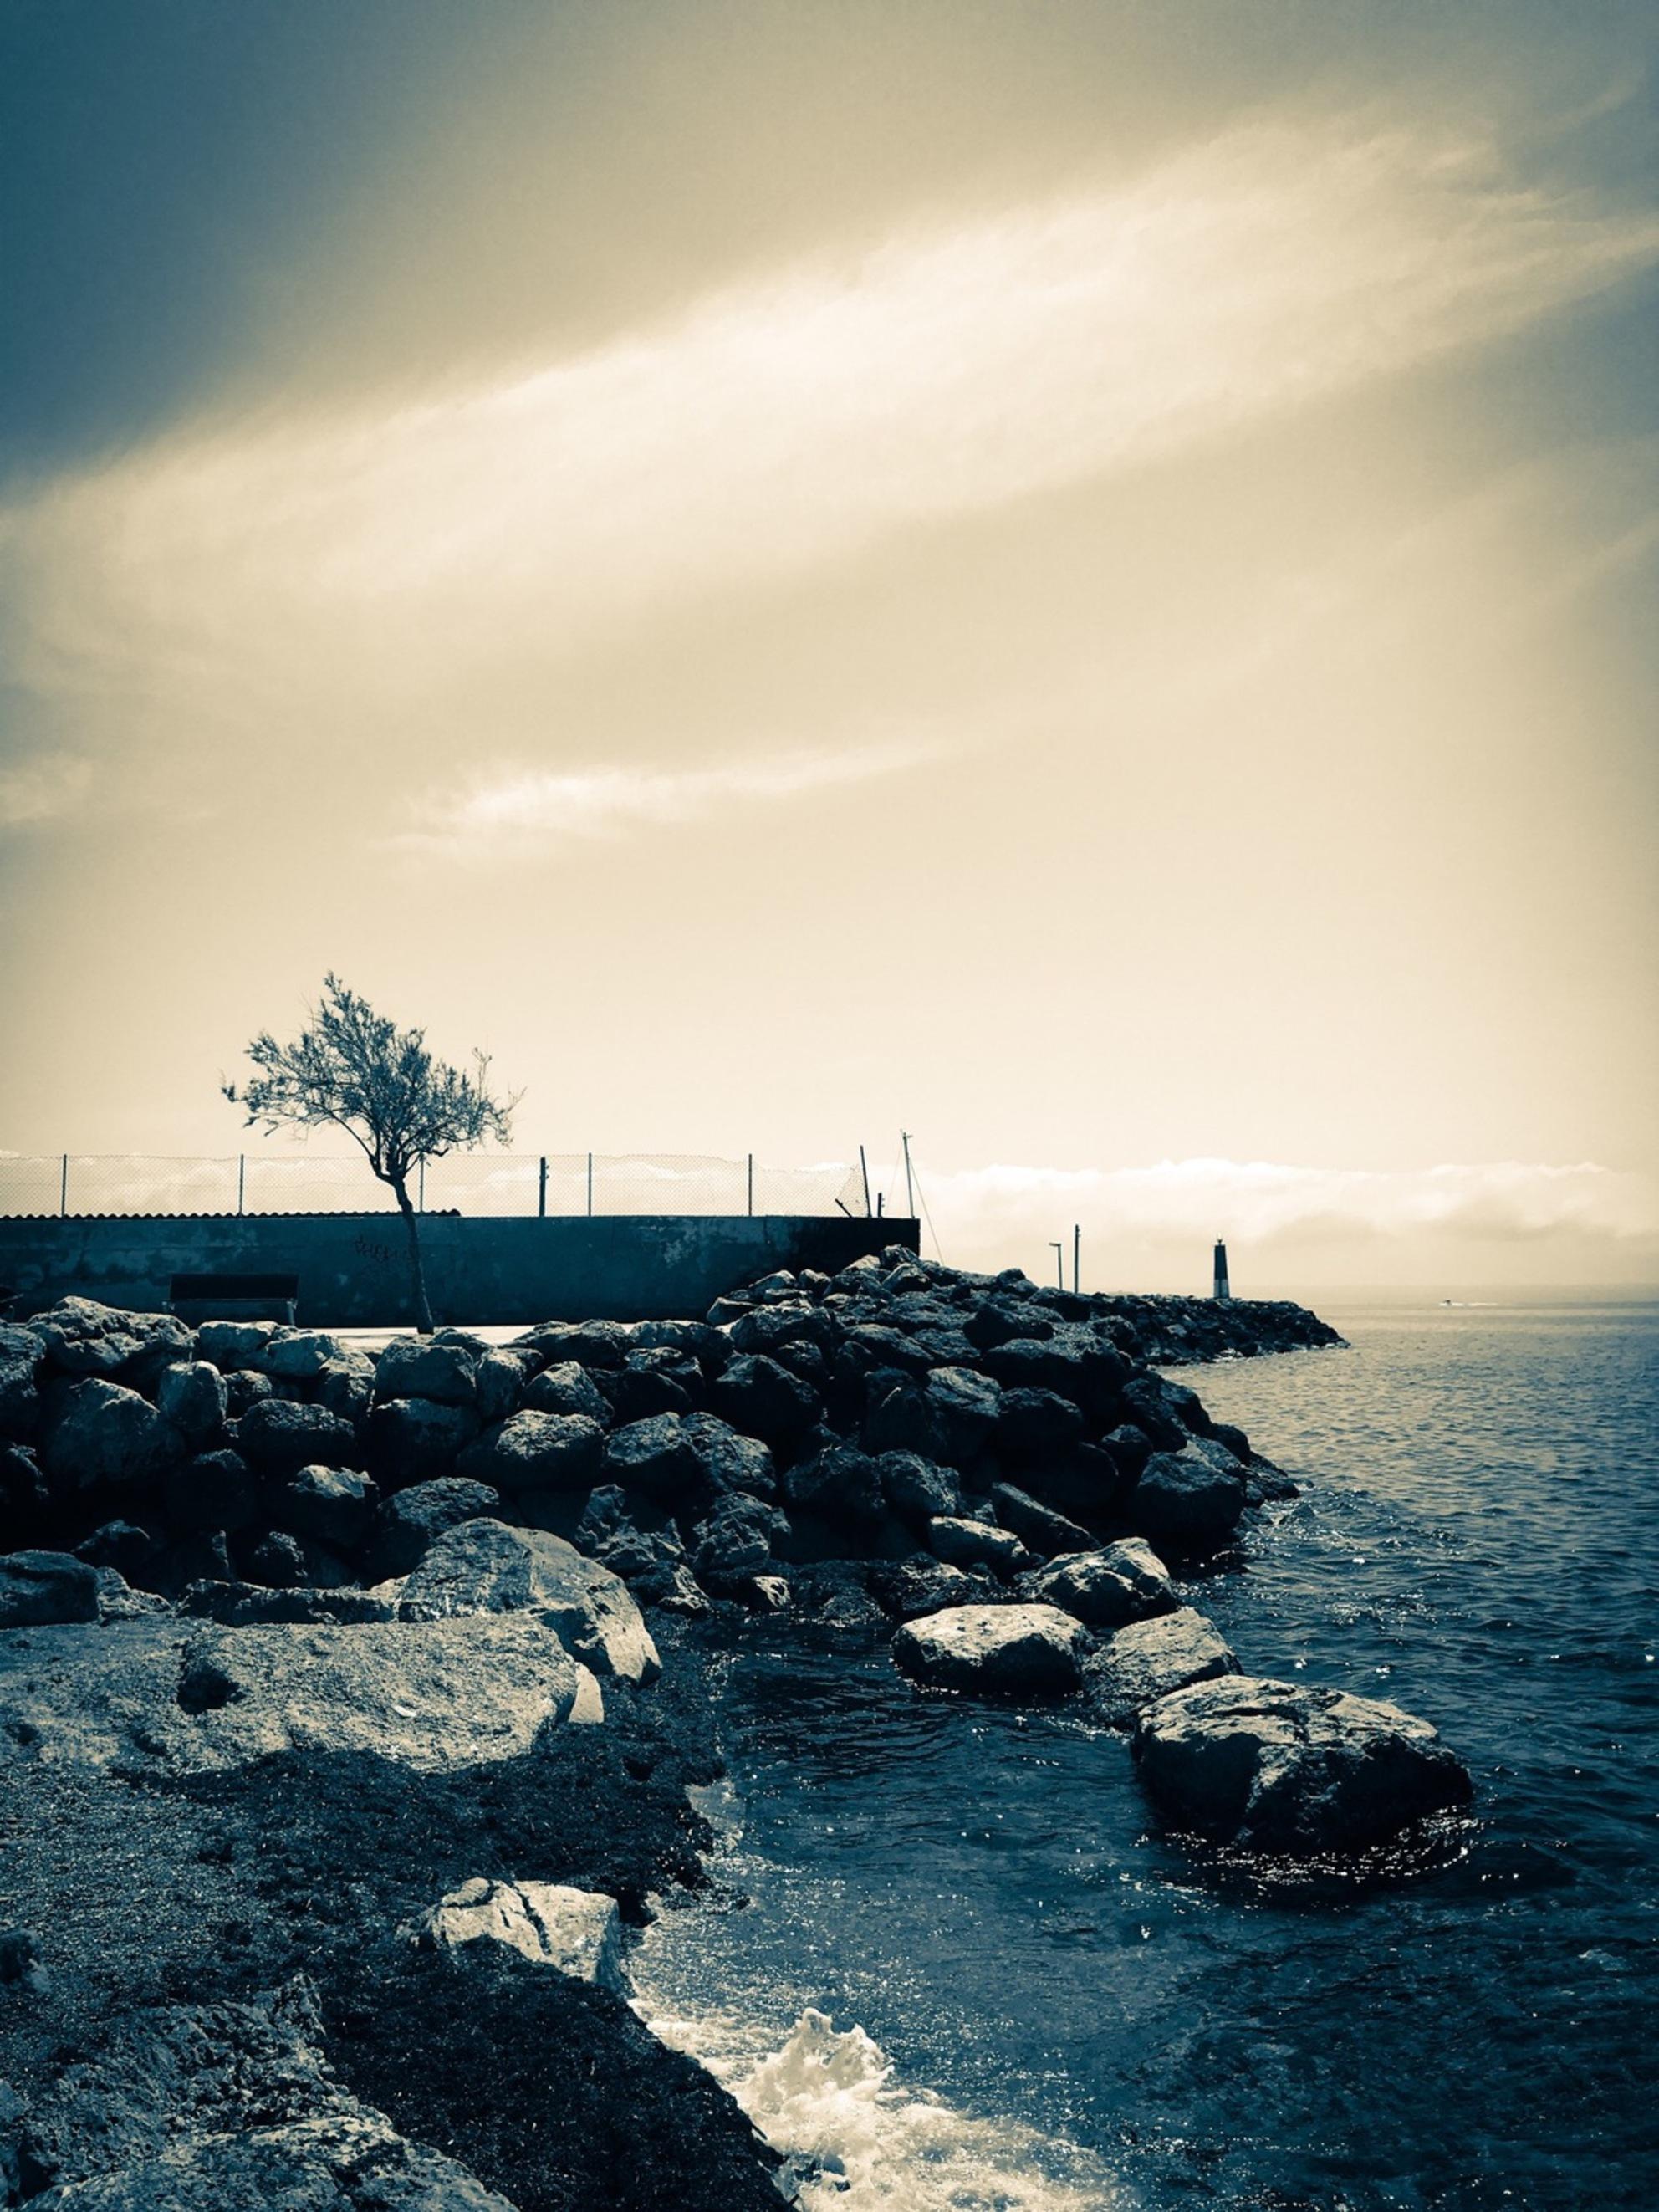 Palma - - - foto door emilewiersum op 23-05-2018 - deze foto bevat: wolken, zon, strand, zee, natuur, licht, landschap, zand, pier, maan, kust